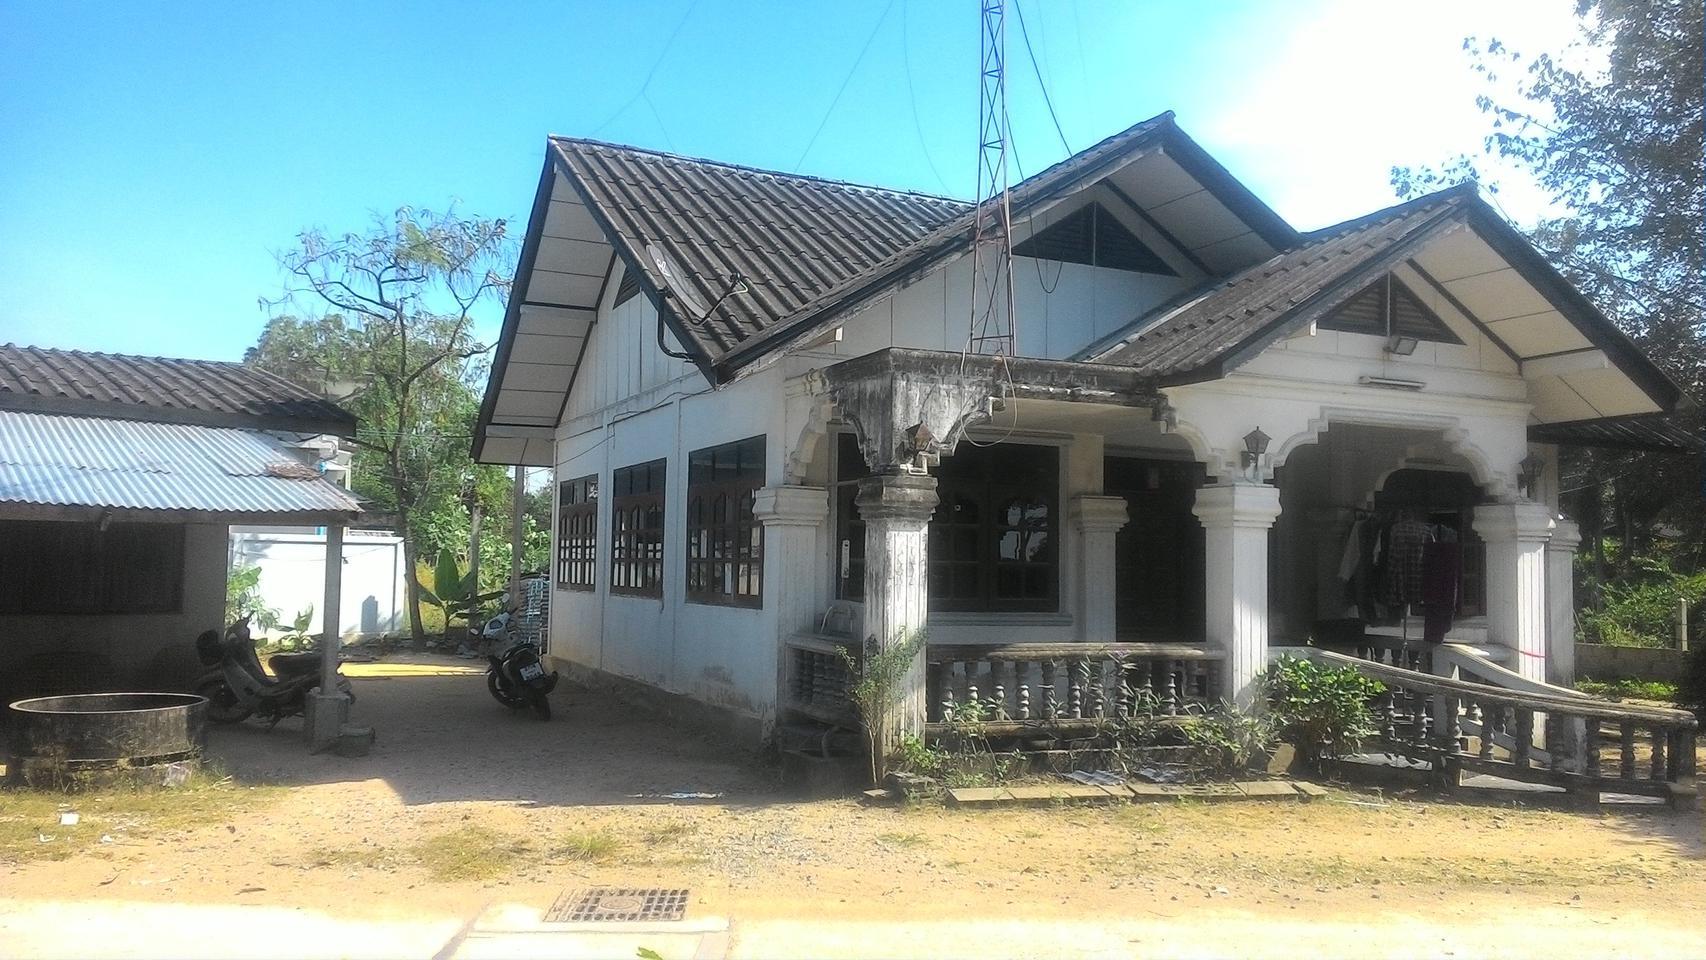 ขายบ้านพร้อมที่ดินที่พัทยา บ้านมีสองหลังในเนื้อที่ 1งาน 33 ตารางวา เจ้าของขายเอง รูปที่ 4